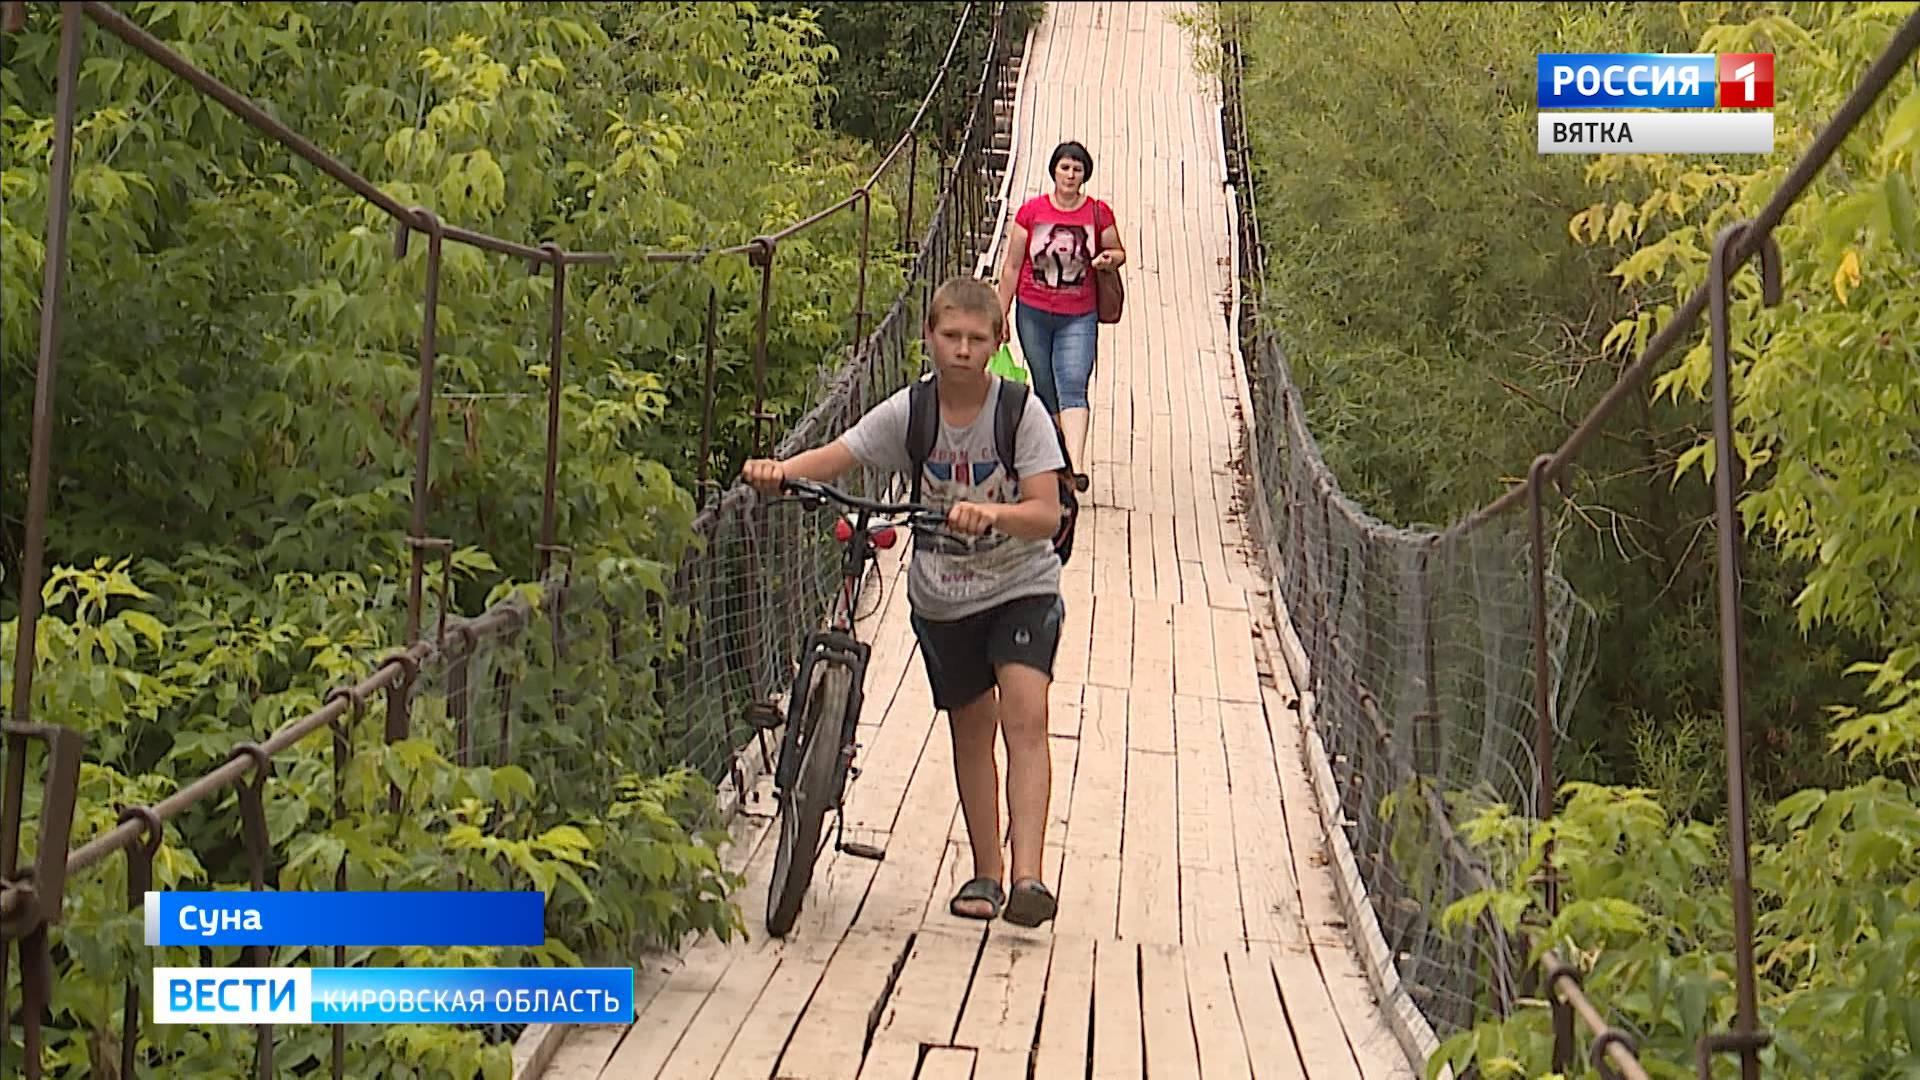 Жители Суны обеспокоены состоянием подвесного моста